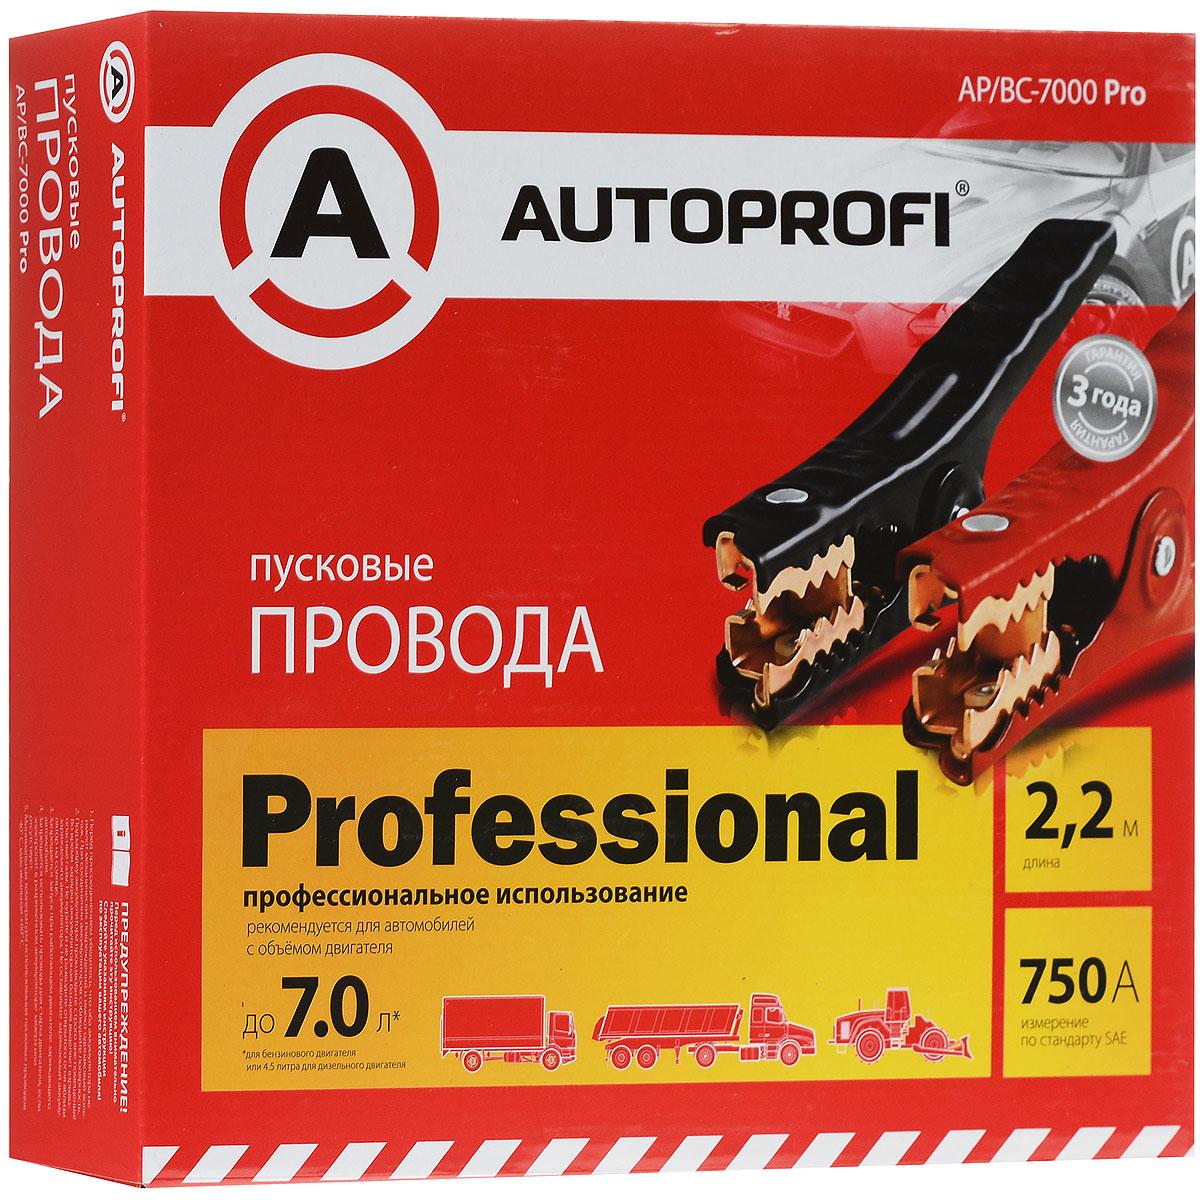 Провода пусковые Autoprofi Professional, 43 мм2, 750 A, 2,2 мAP/BC - 7000 ProПусковые провода Autoprofi Professional сделаны по американскому стандарту SAE J1494. Это значит, что падение напряжение ни при каких условиях не превышает 2,5 В. Ручки пусковых проводов не нагреваютсядо уровня, способного навредить человеку (не выше 66°С за 10 сек). Технологически это достигается использованием проводов из толстой алюминиевой жилы с медным напылением, а также надежной термопластовой изоляцией.Данные провода рекомендованы для автомобилей с бензиновым двигателем, объемом до 7 л. или с дизельным двигателем, объемом до 4.5 л.Длина: 2,2 м.Сила тока: 750 А.Площадь сечения: 43 мм2.Диапазон рабочих температур: от -40°С до +60°С. К набору прилагается текстильный чехол для хранения проводов.